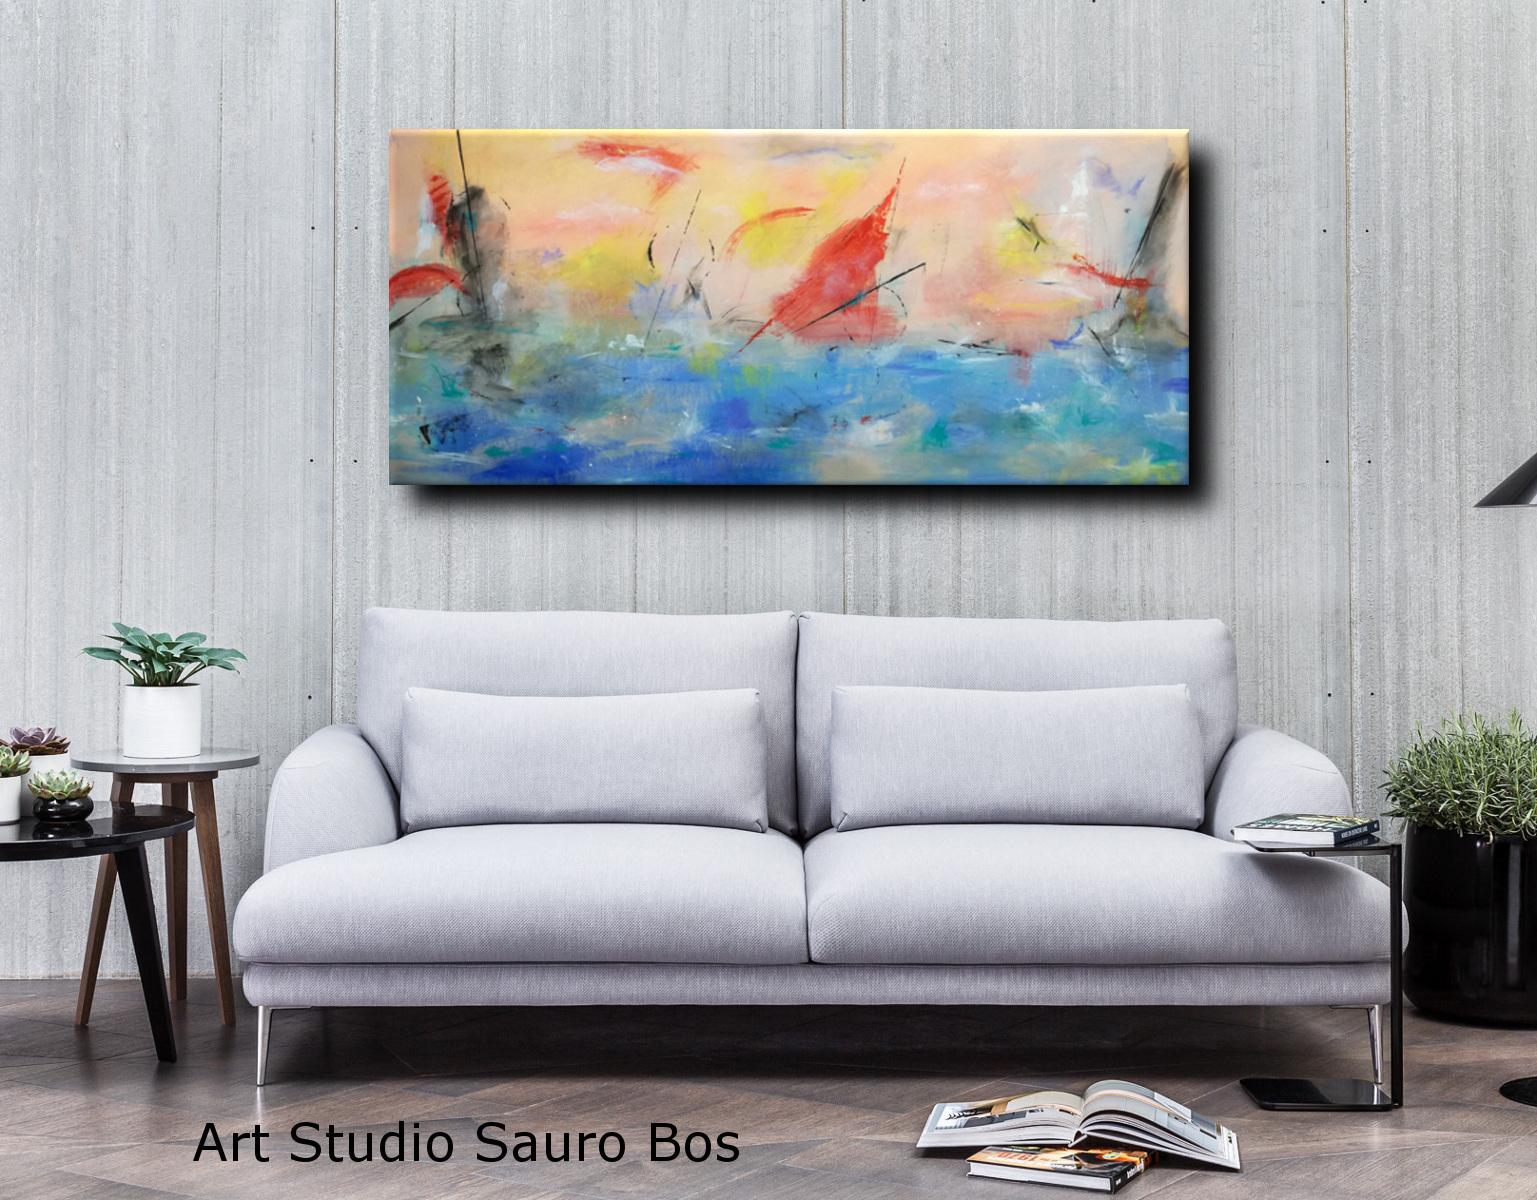 paesaggio astratto moderno c068 - quadri astratti grandi dimensioni 180x80 per soggiorno